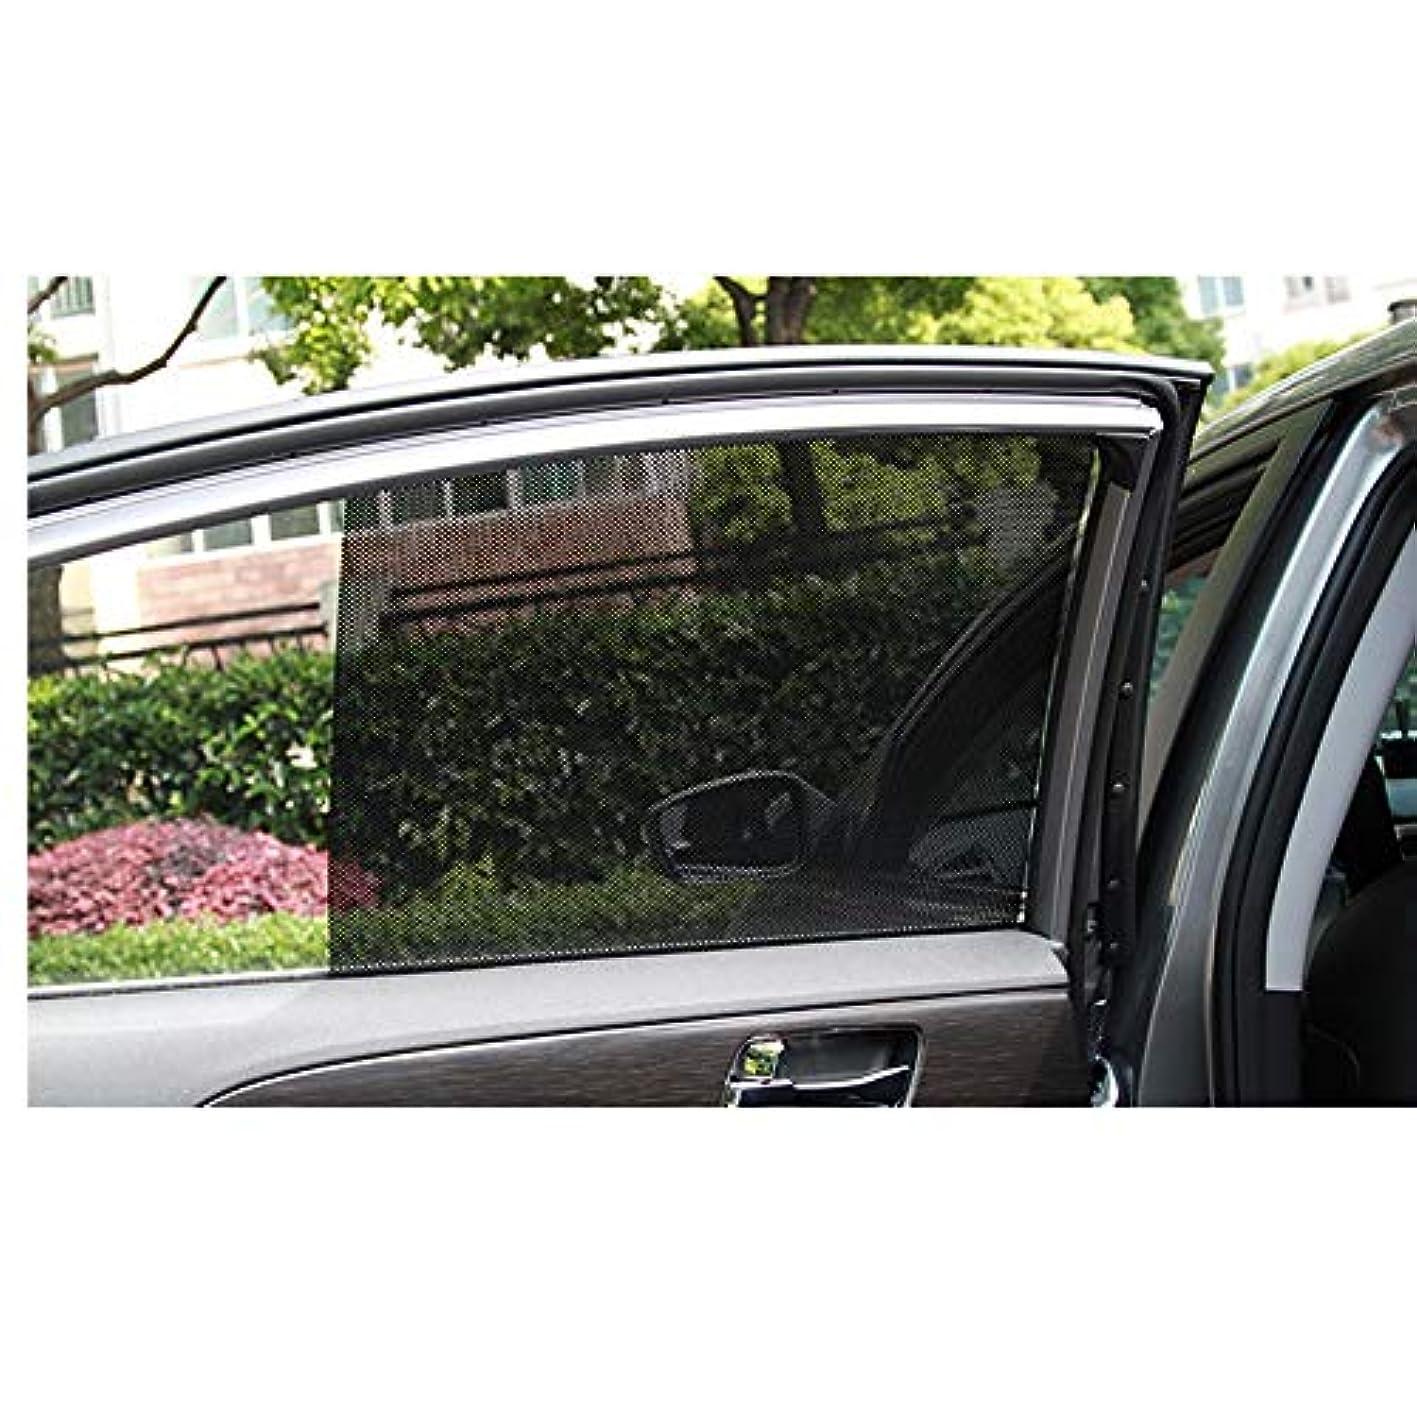 駐地お気に入りパンダ車の日よけのフロントガラス サイドウィンドウ サンシェード 静電気 吸着 サンブロック 車 シェーディング 日焼け止め日焼け止め 2錠